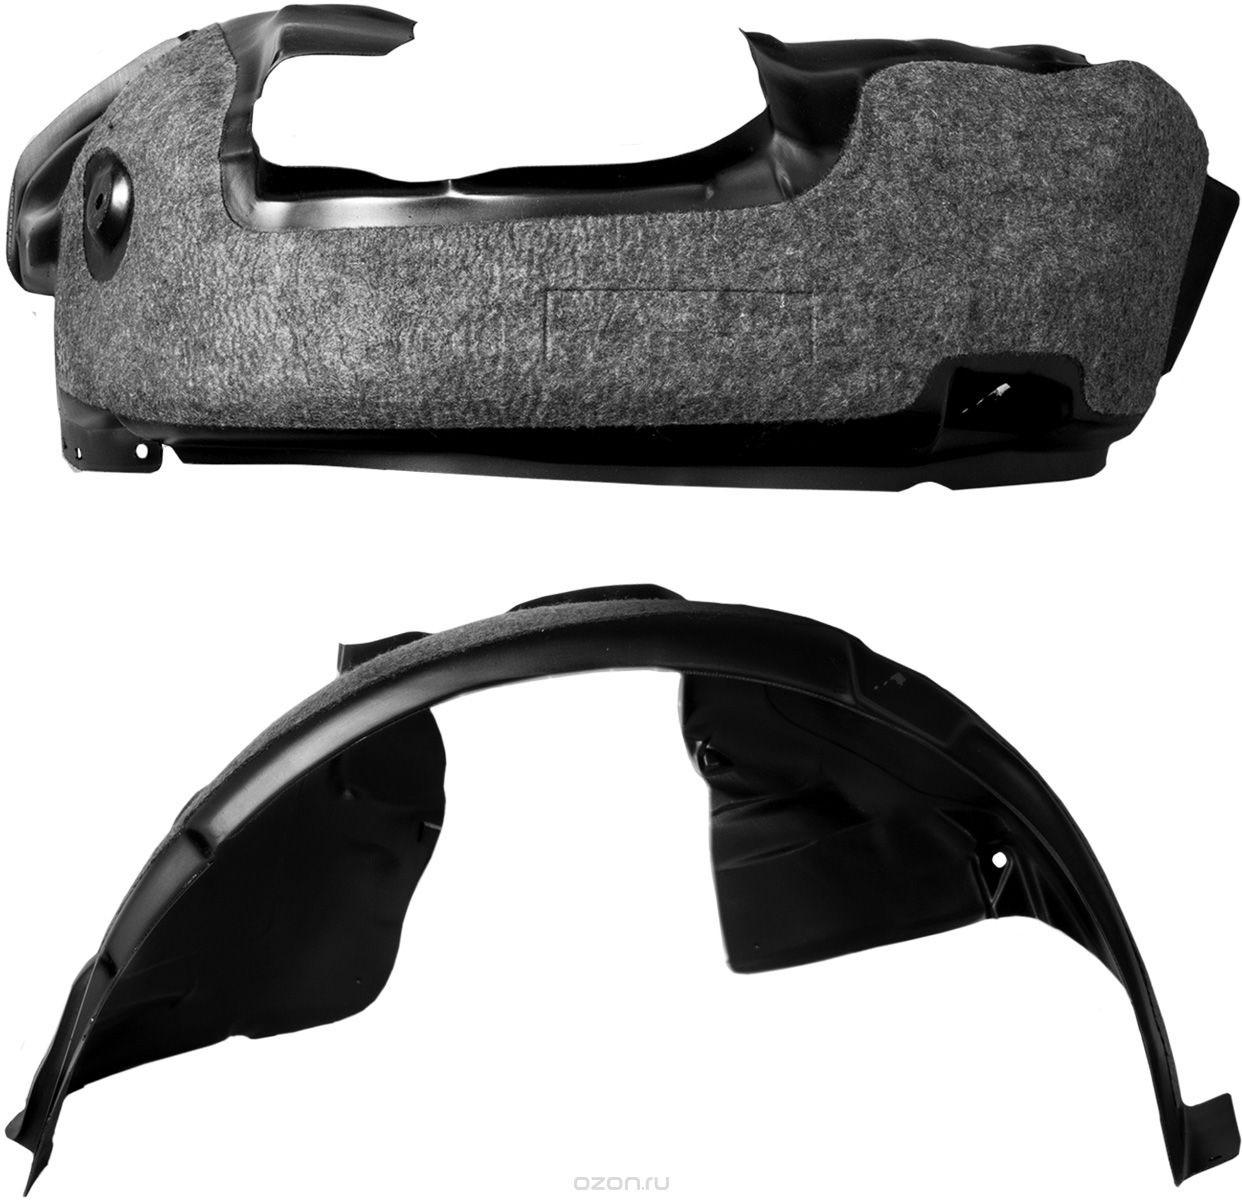 Подкрылок Novline-Autofamily, с шумоизоляцией, для GEELY X7, 2013->, передний левыйNLS.75.07.001Идеальная защита колесной ниши. Локеры разработаны с применением цифровых технологий, гарантируют максимальную повторяемость поверхности арки. Изделия устанавливаются без нарушения лакокрасочного покрытия автомобиля, каждый подкрылок комплектуется крепежом. Уважаемые клиенты, обращаем ваше внимание, что фотографии на подкрылки универсальные и не отражают реальную форму изделия. При этом само изделие идет точно под размер указанного автомобиля.